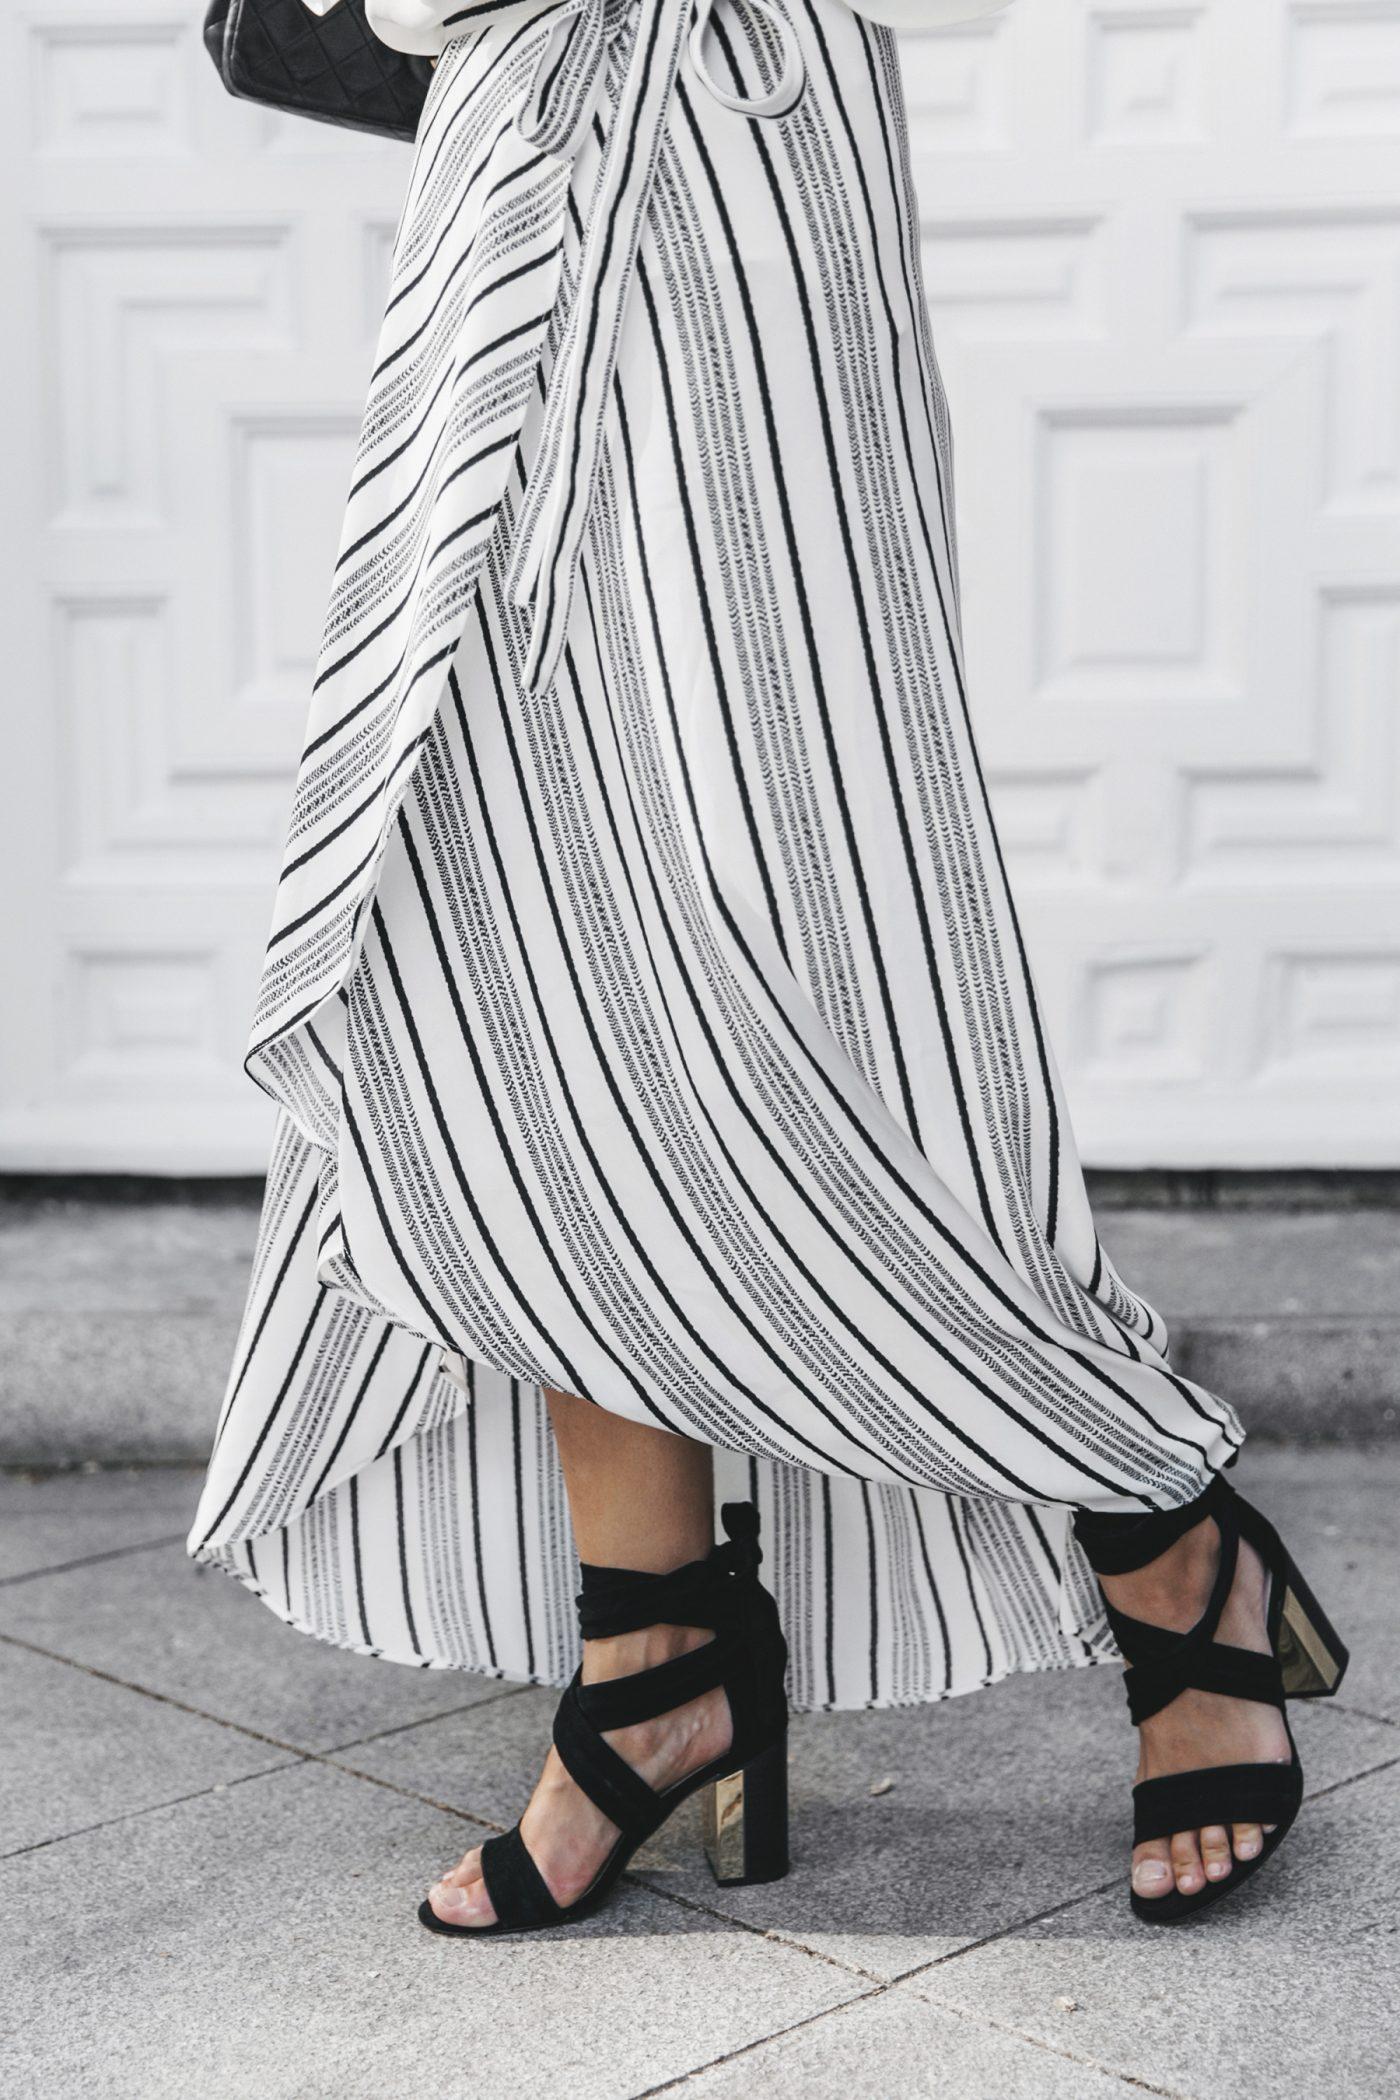 River_Island-El_Imparcial-Striped_SKirt-Off_Shoulders_Top-Lace_Up_Sandals-CHanel_Vintage_Bag-24